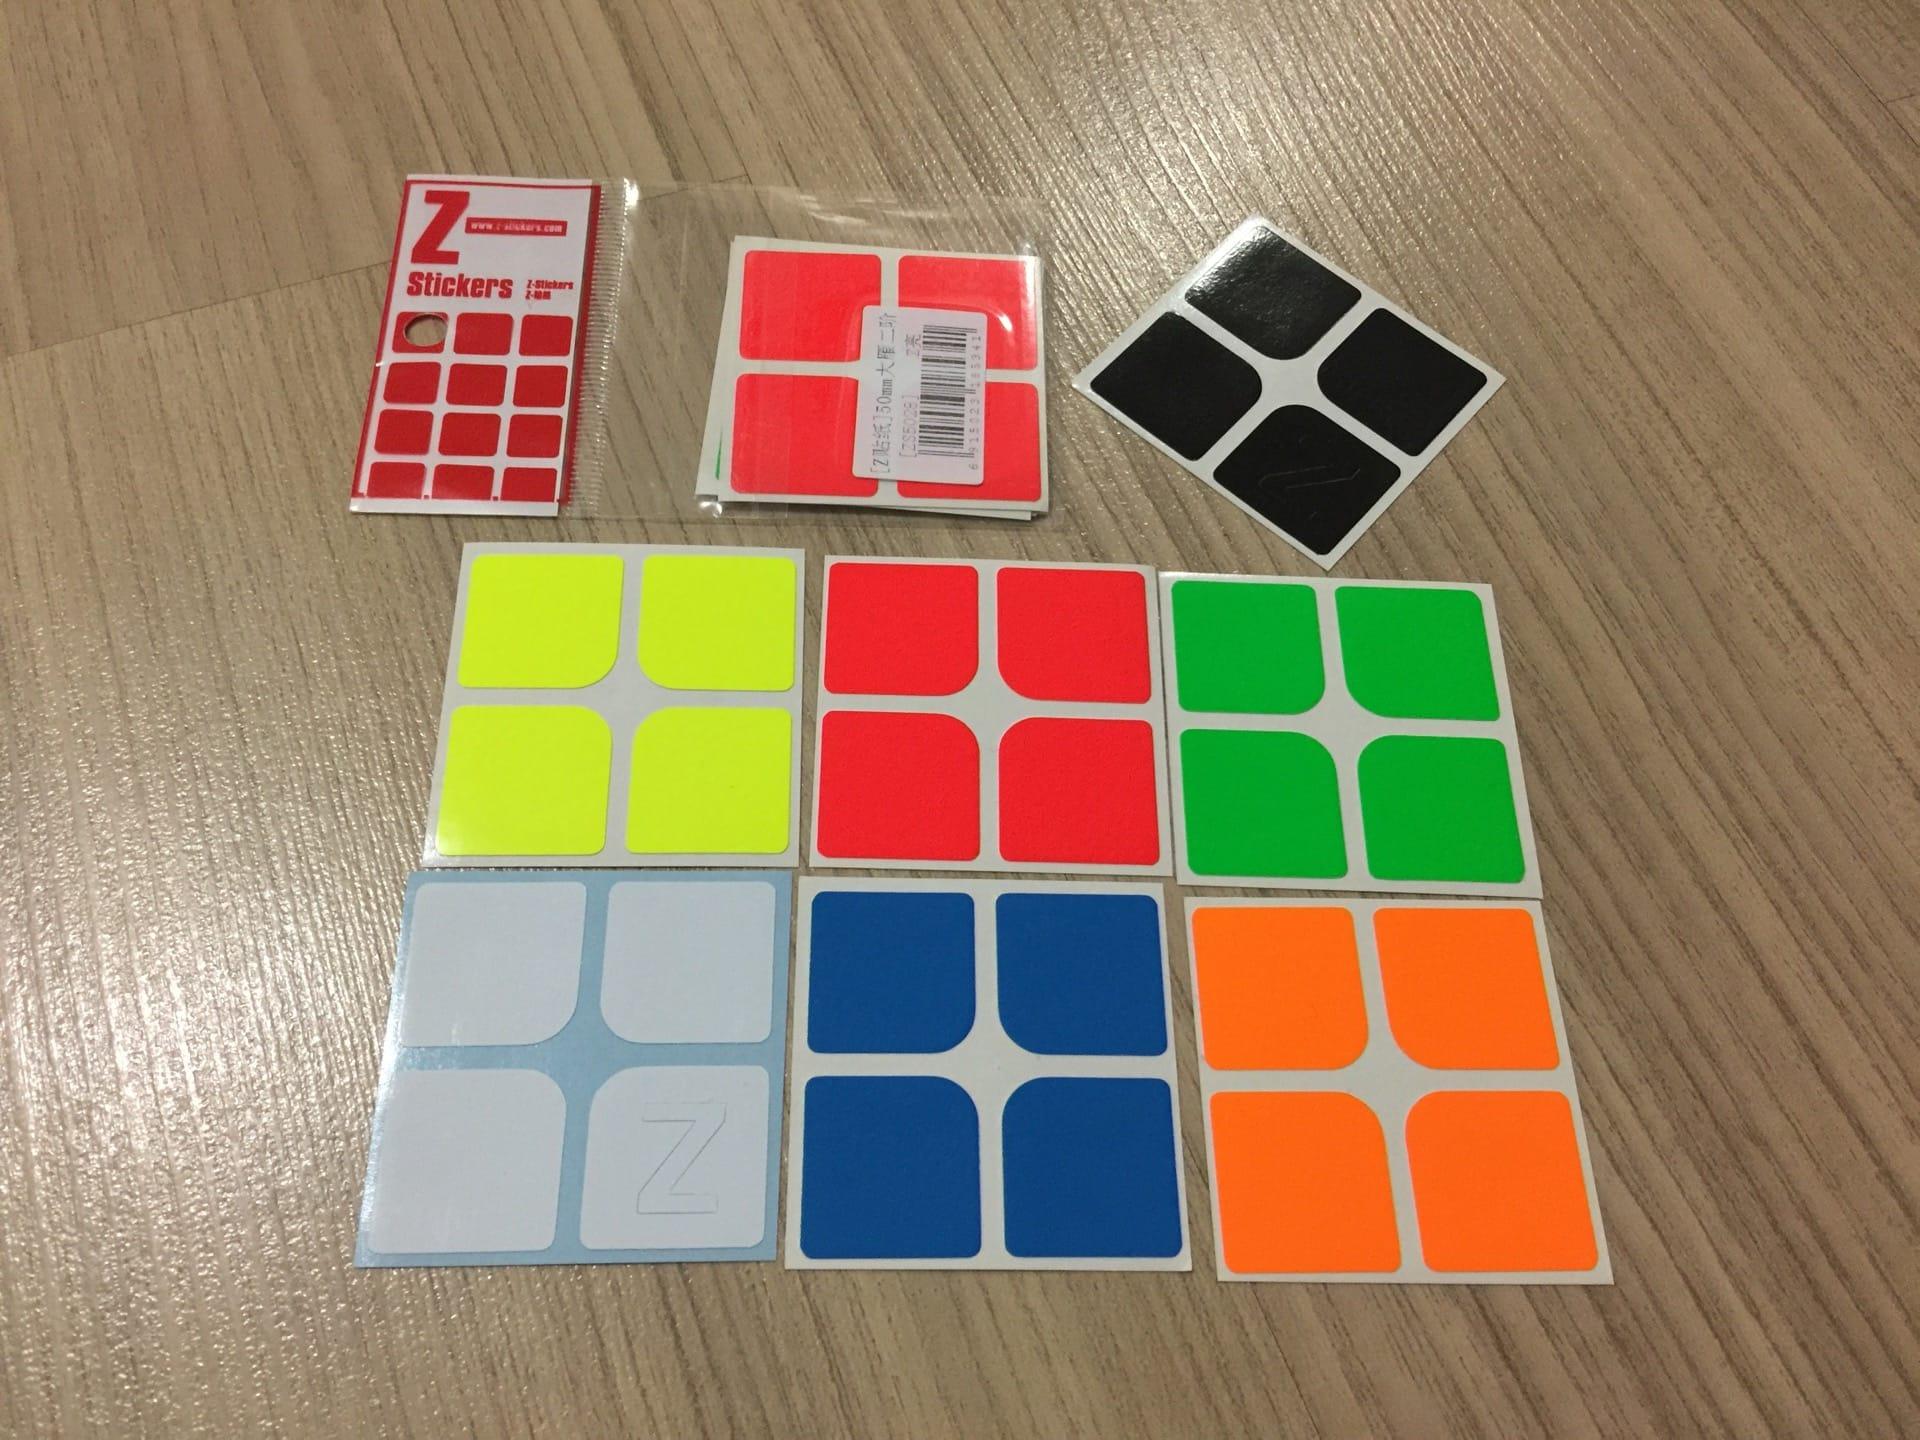 Z-Stickers Z-Bright for 2x2x2 [ZS5028]